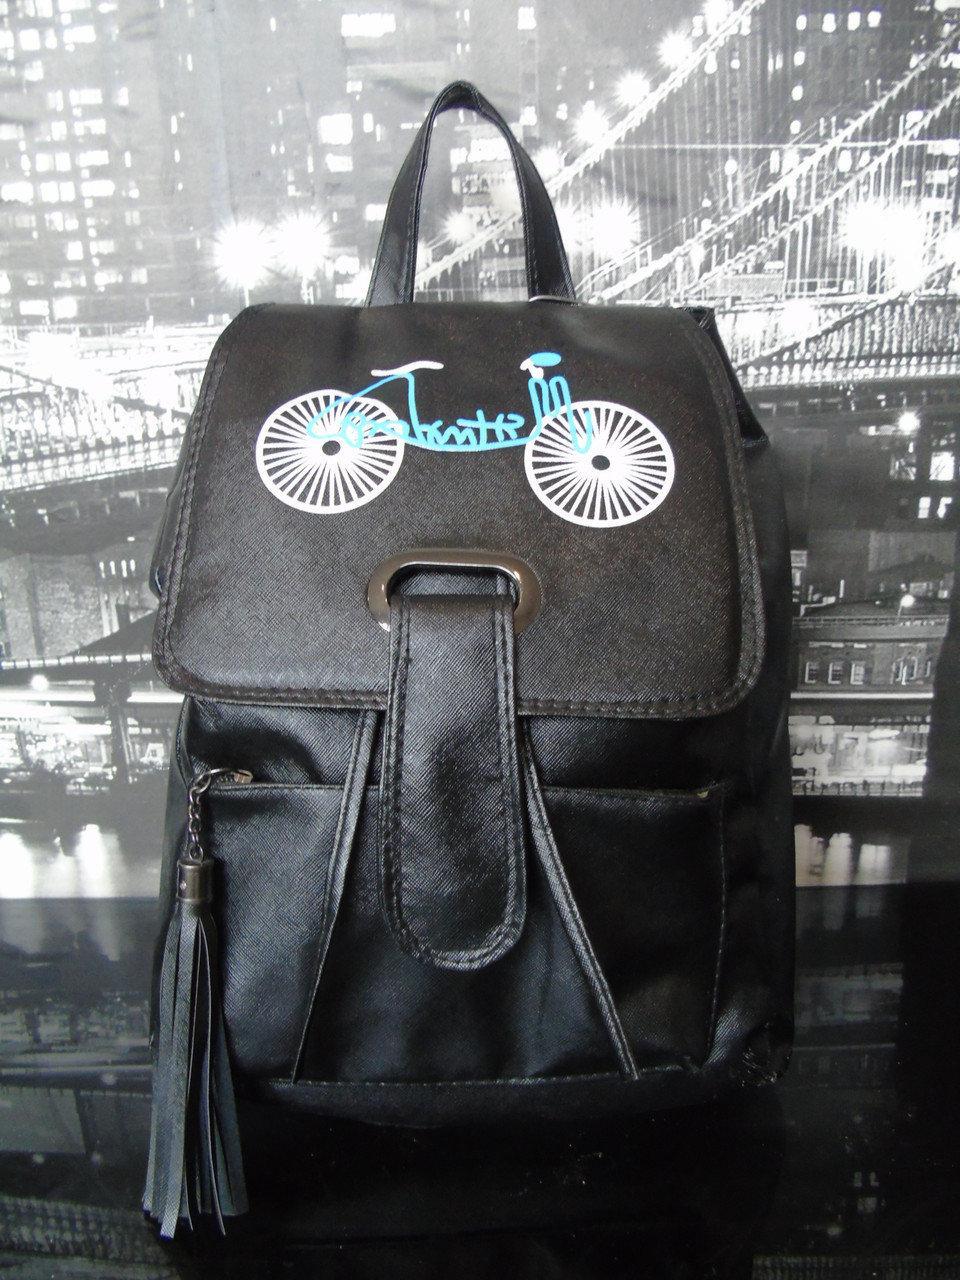 Рюкзак чорний жіночий або підлітковий. Рюкзак жіночий. Підлітковий Рюкзак чорний.